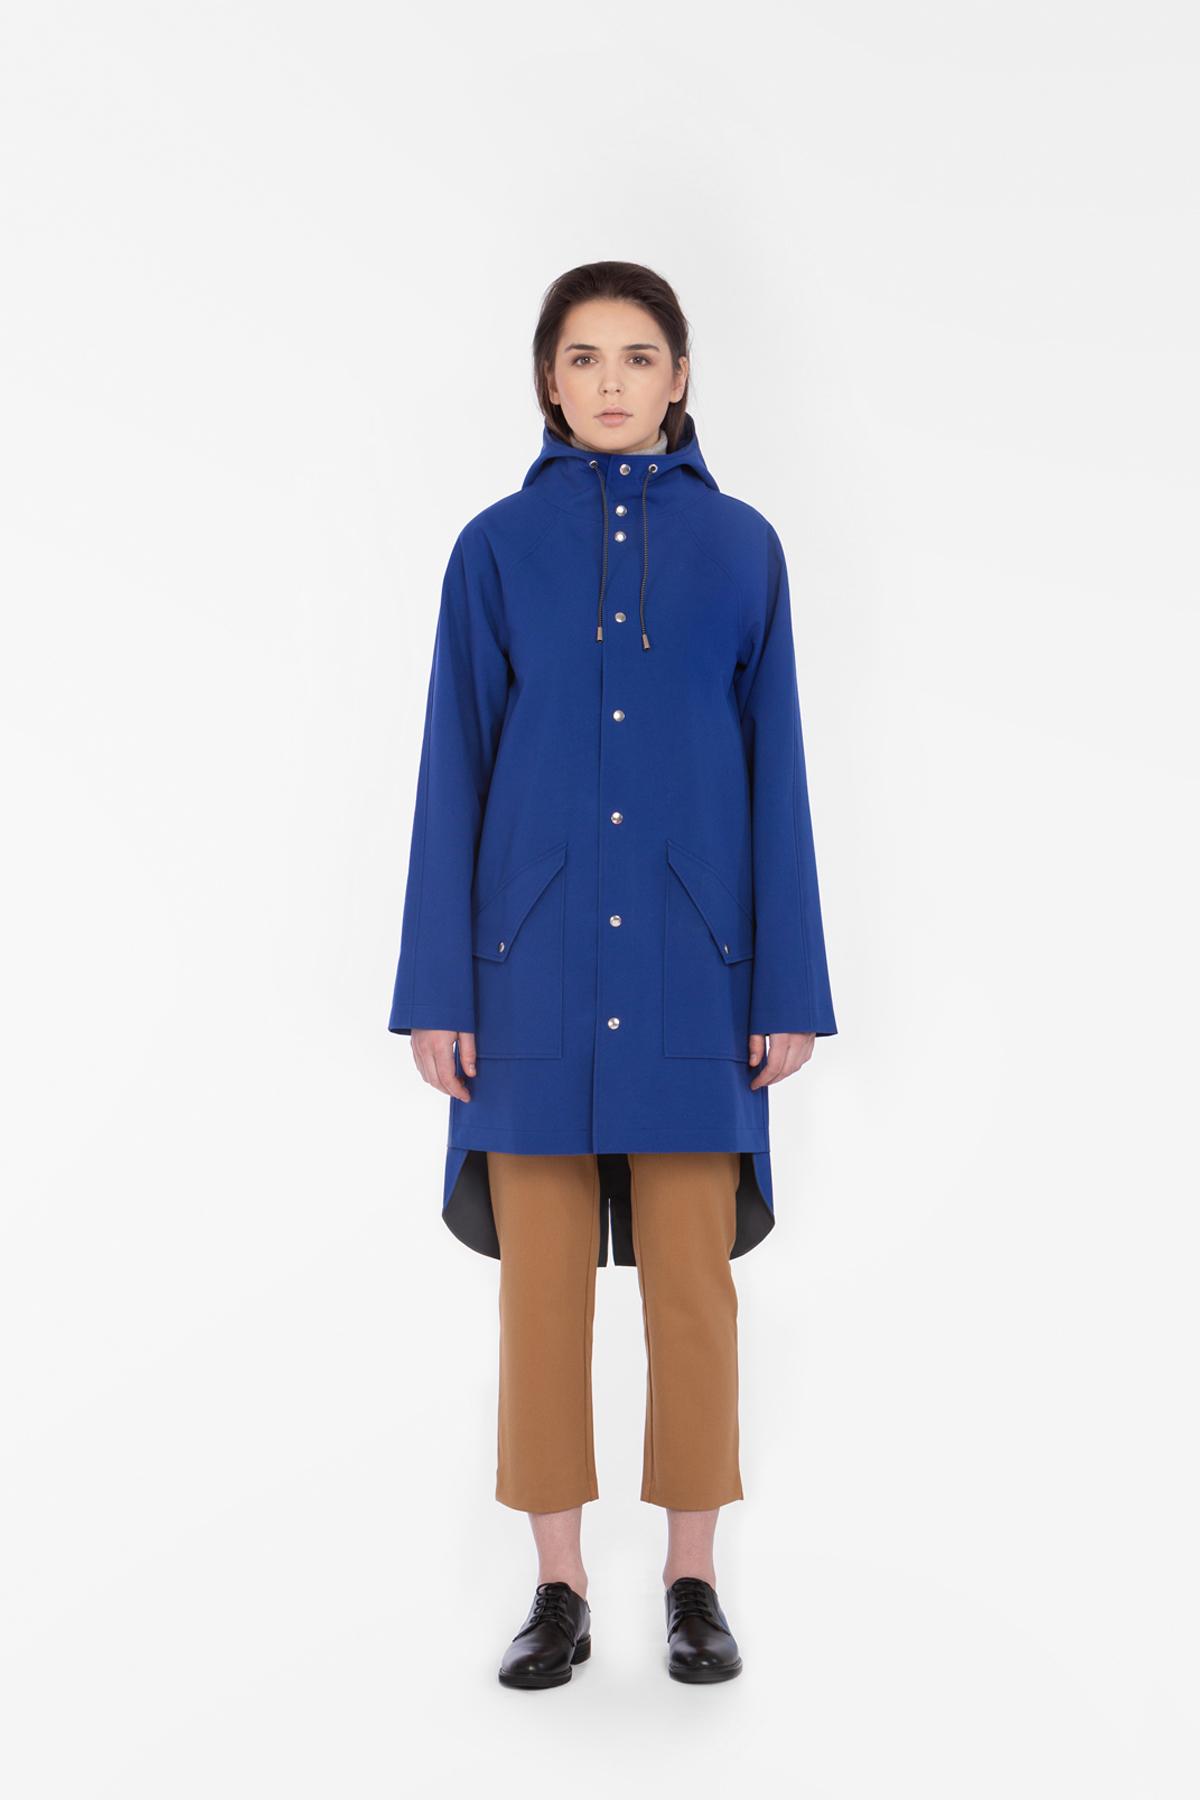 Unisex raincoat 139